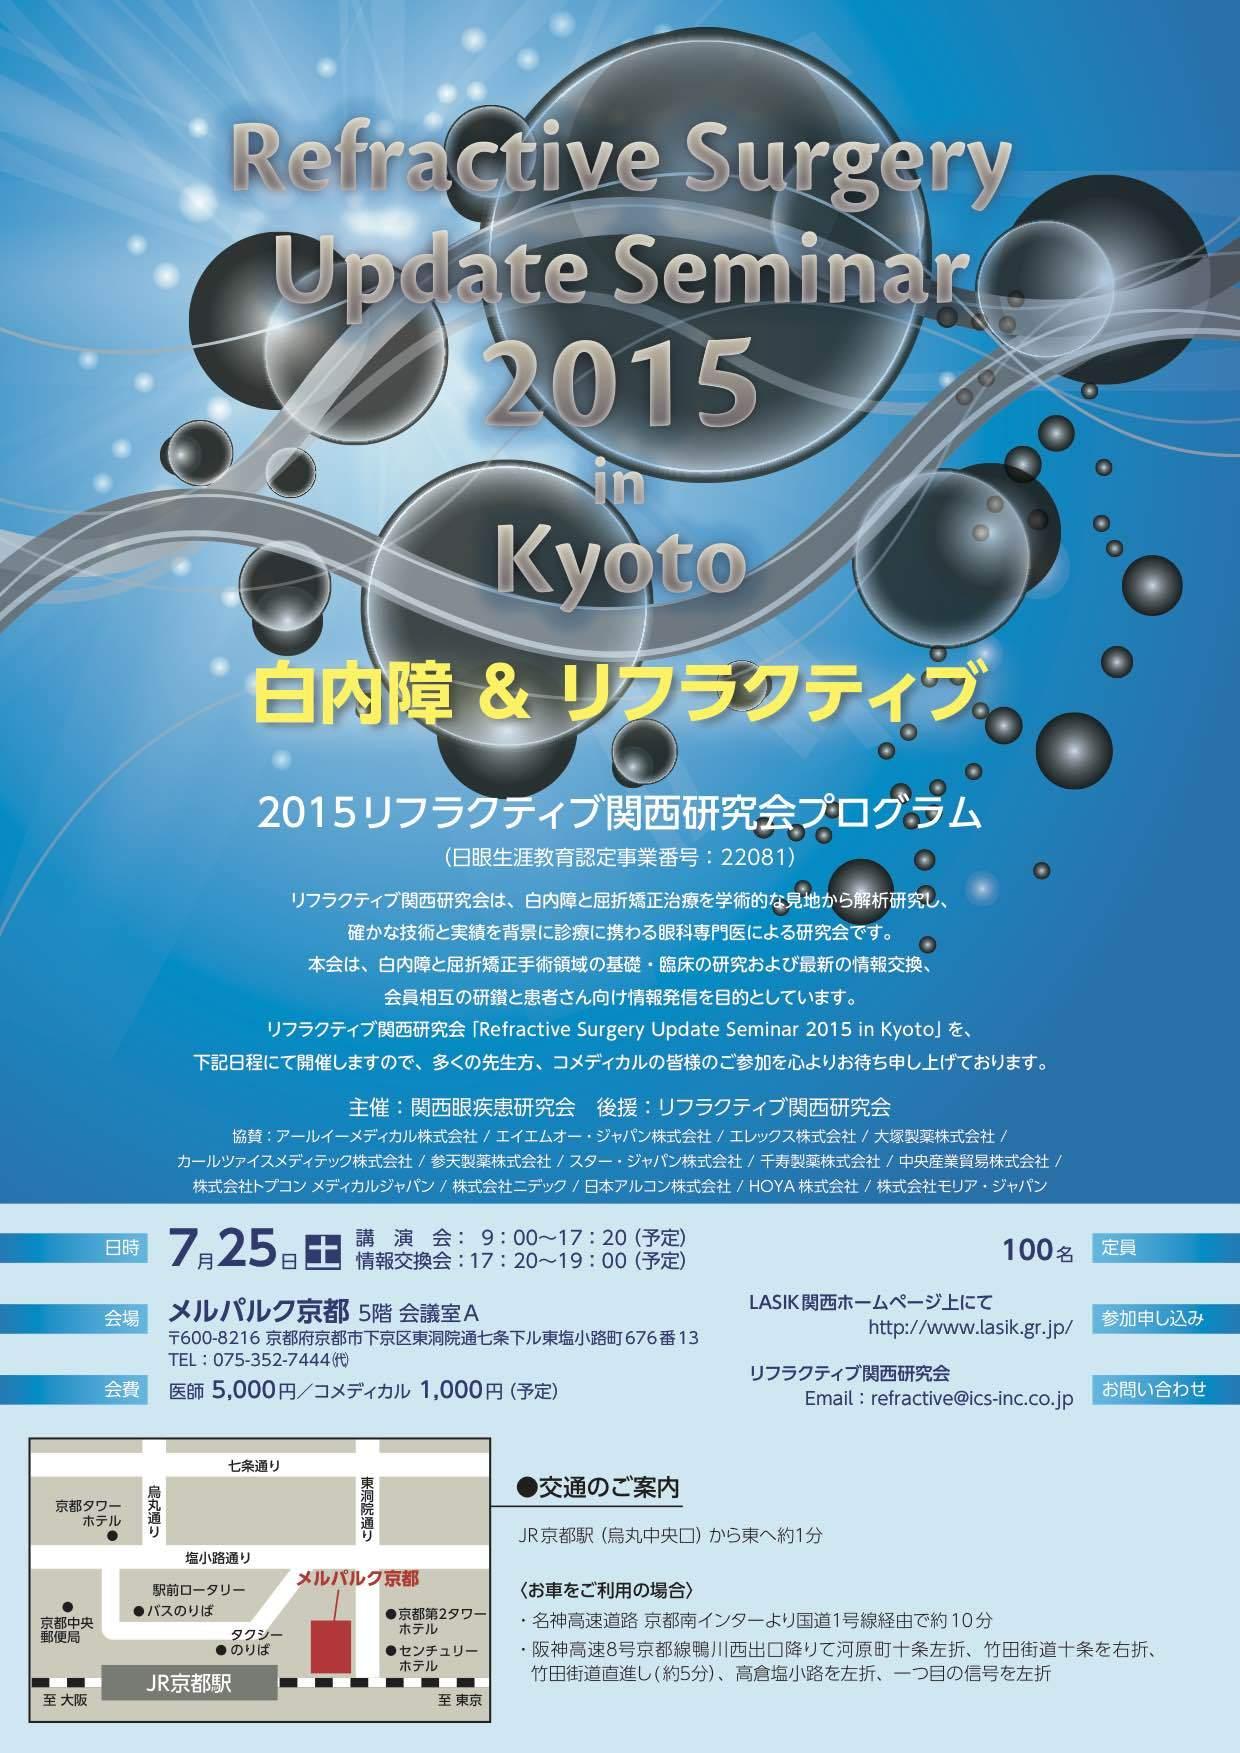 RefractiveSurgeryUpdateSeminar2015inKyoto.jpg